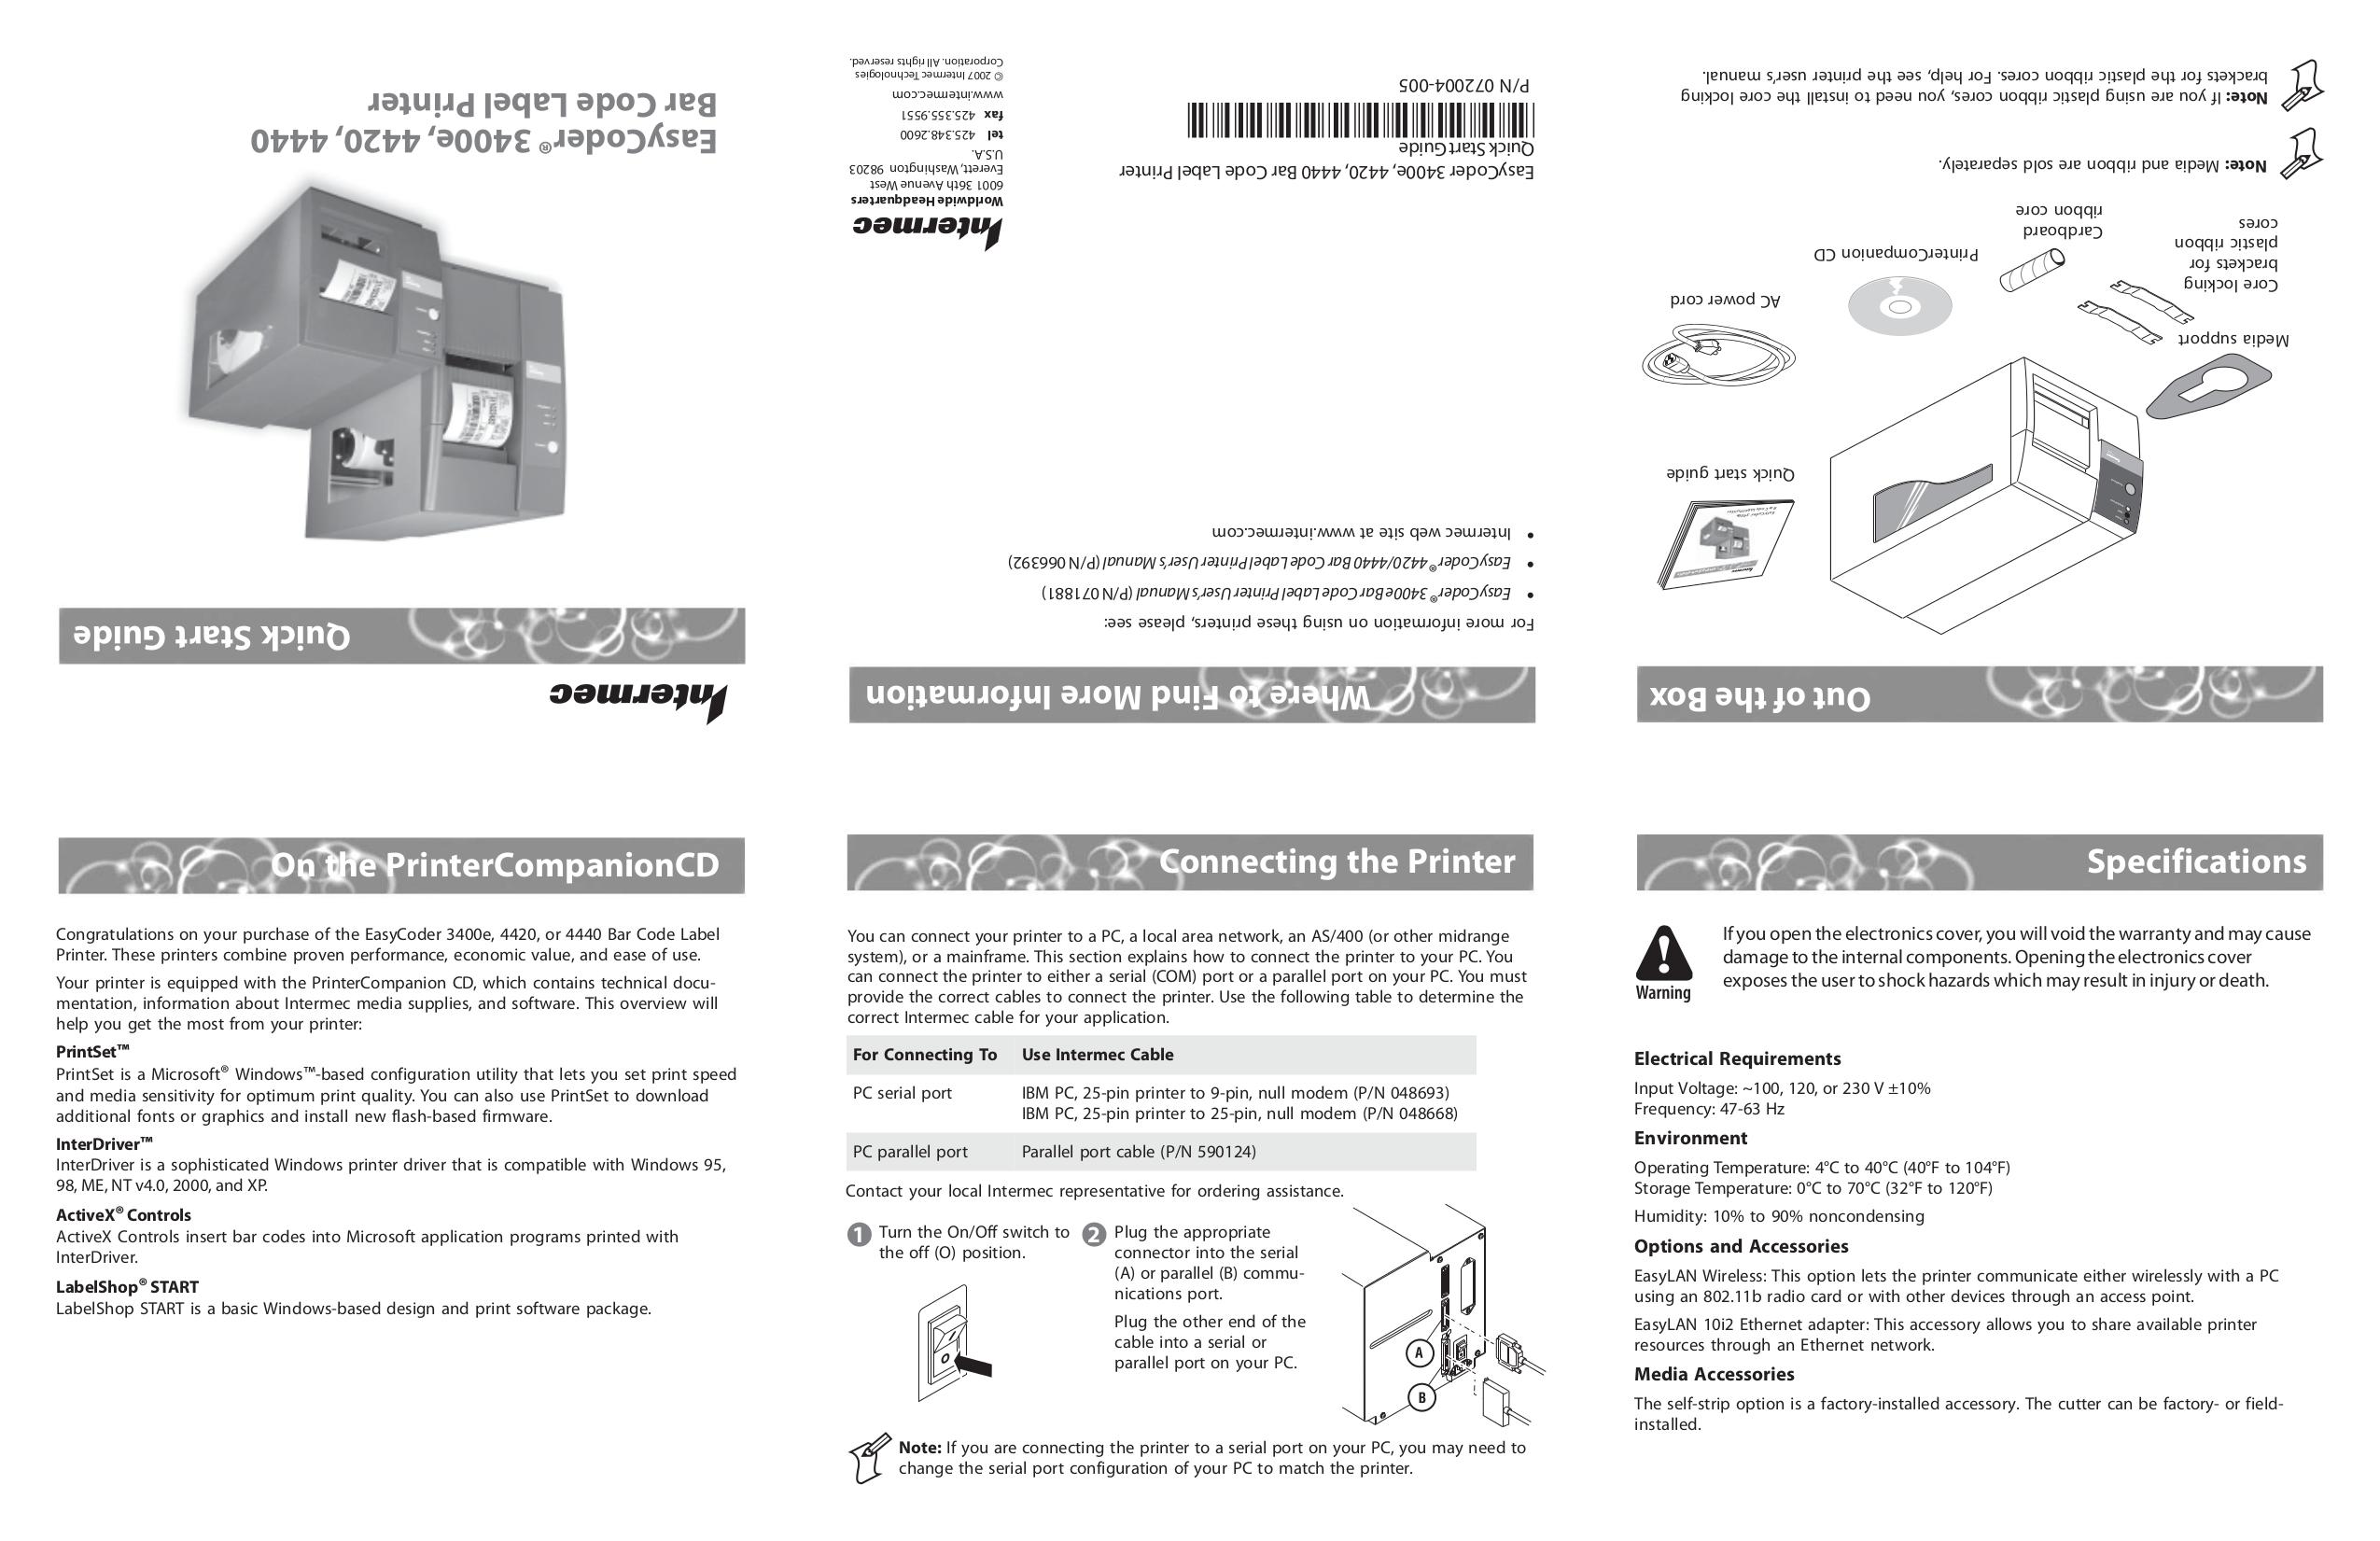 Intermec easycoder 4420 user manual pdf download.